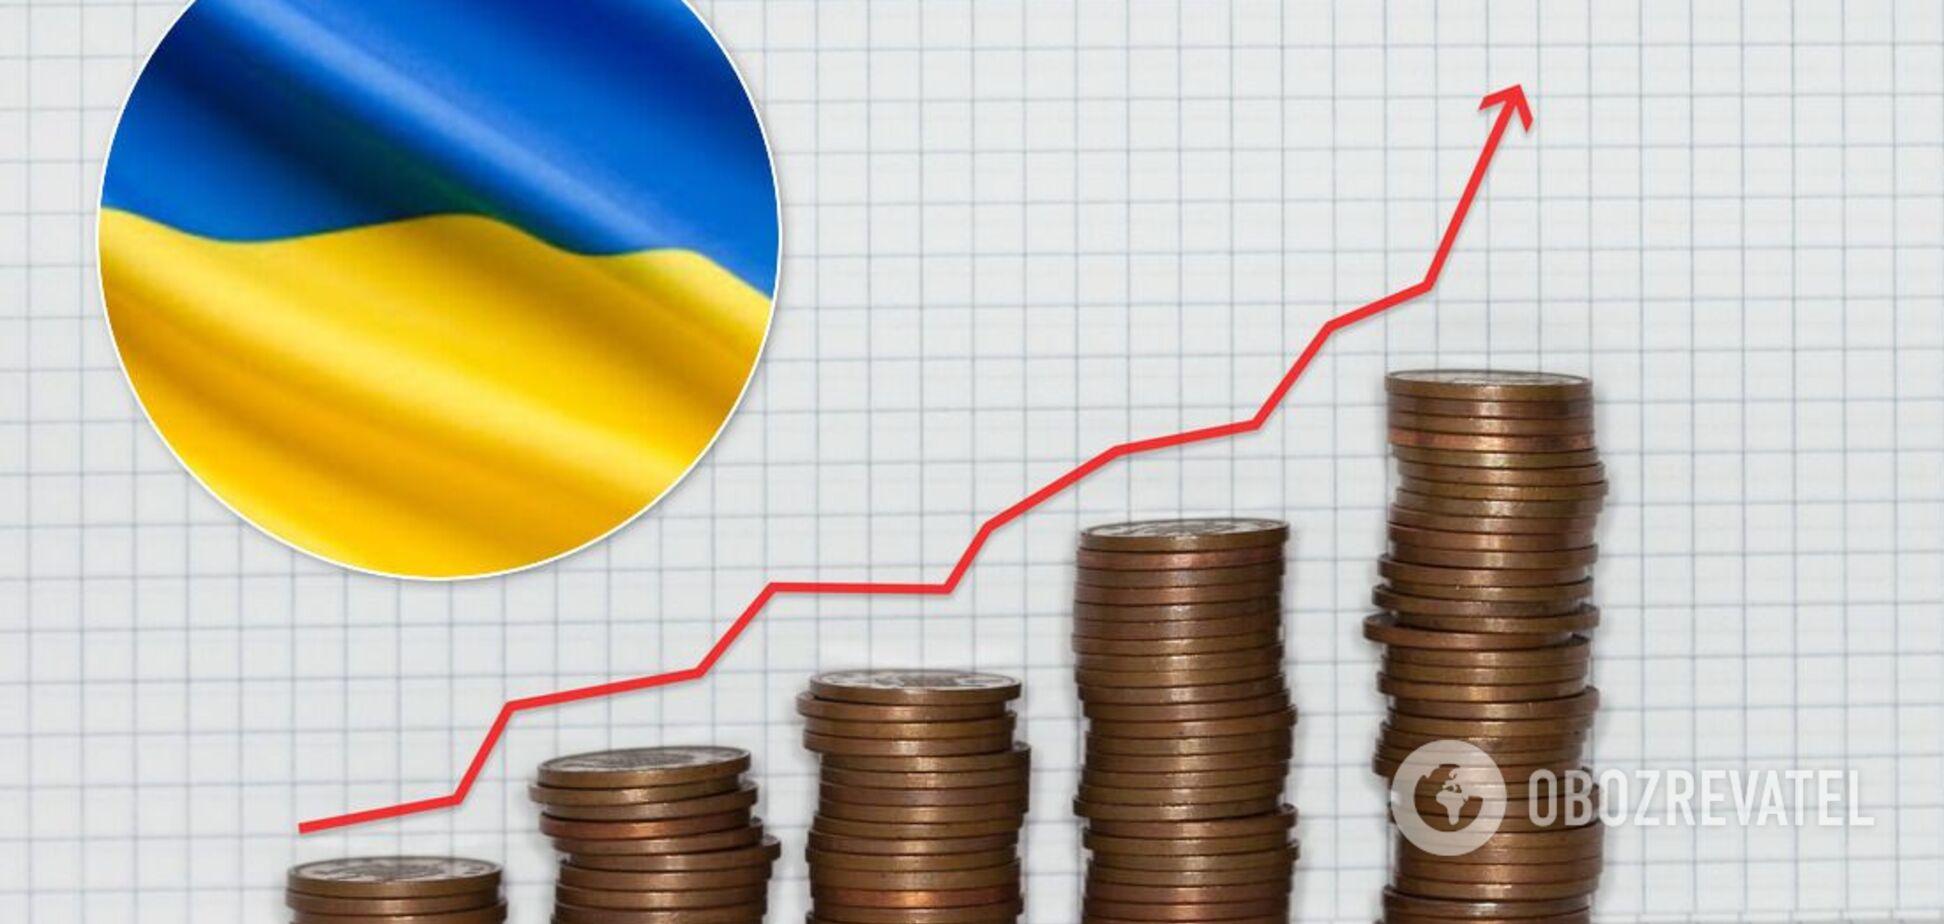 Инфляция: как рассчитывается и влияет на жизнь украинцев